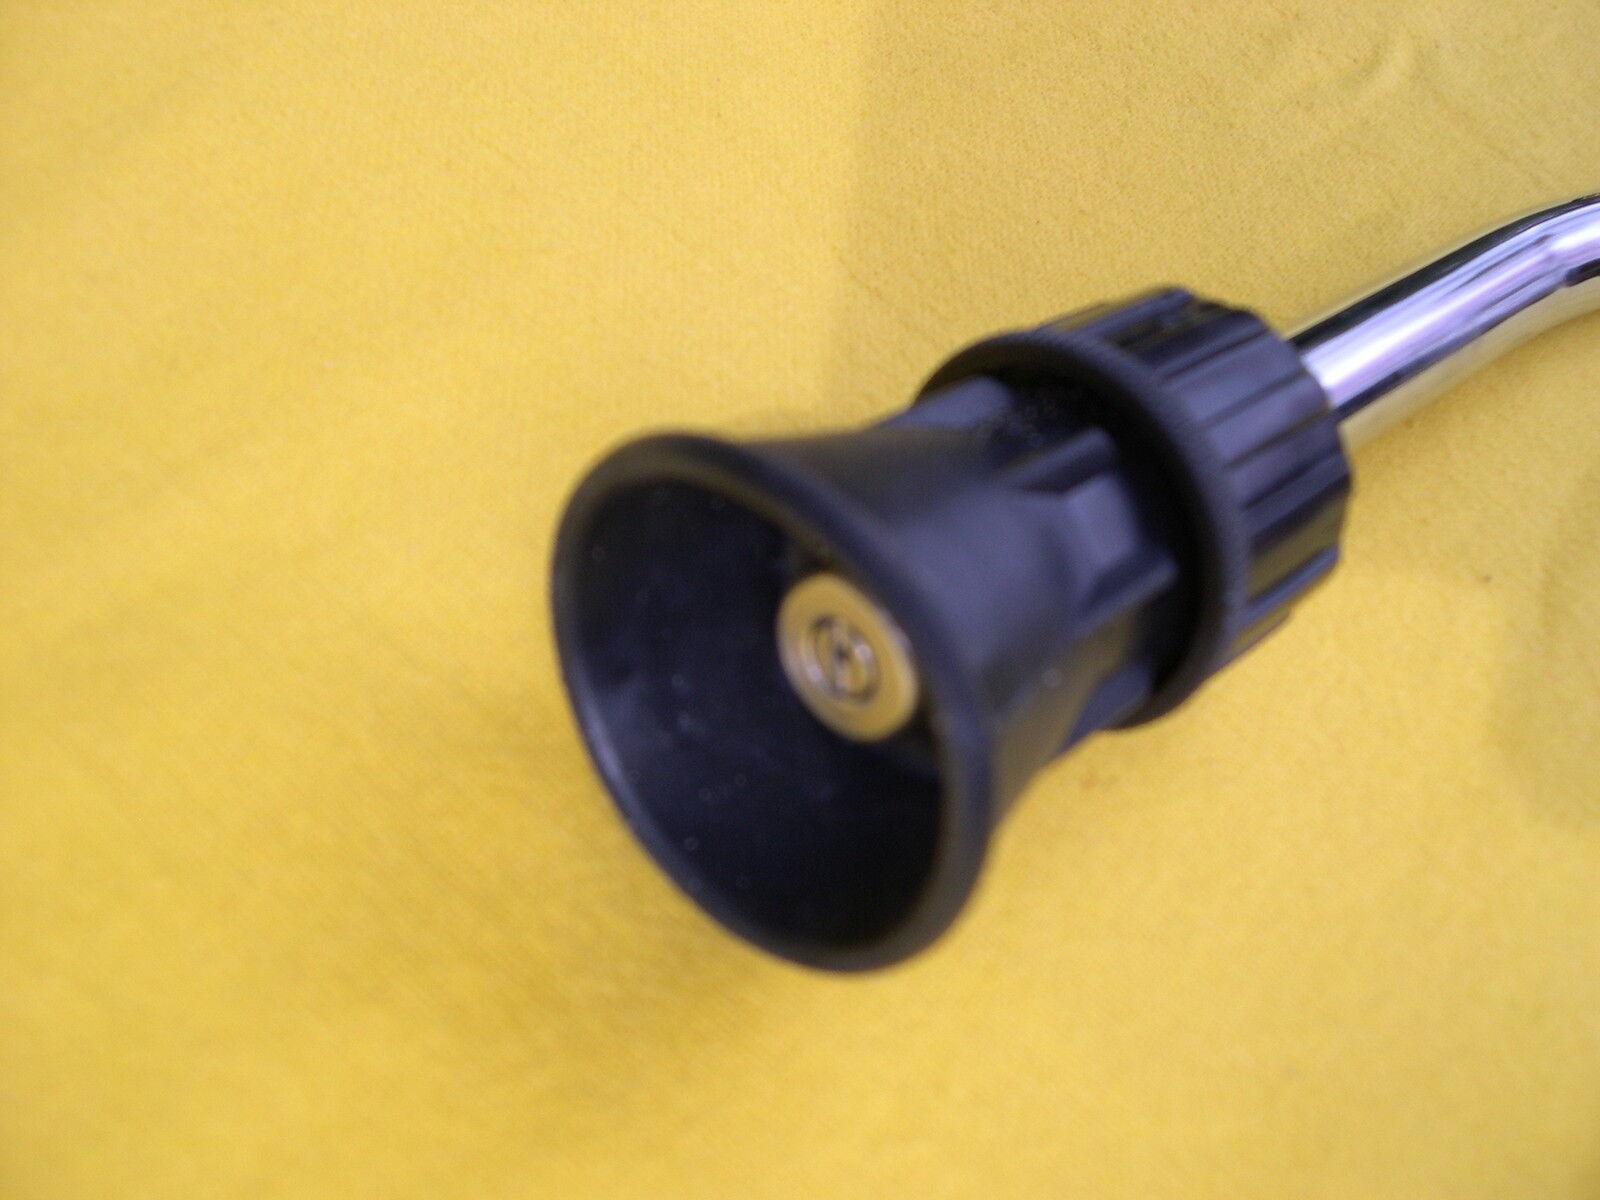 Pistole Lanze Düsenschutz 900mm für Kärcher Kränzle Hochdruckreiniger Düse